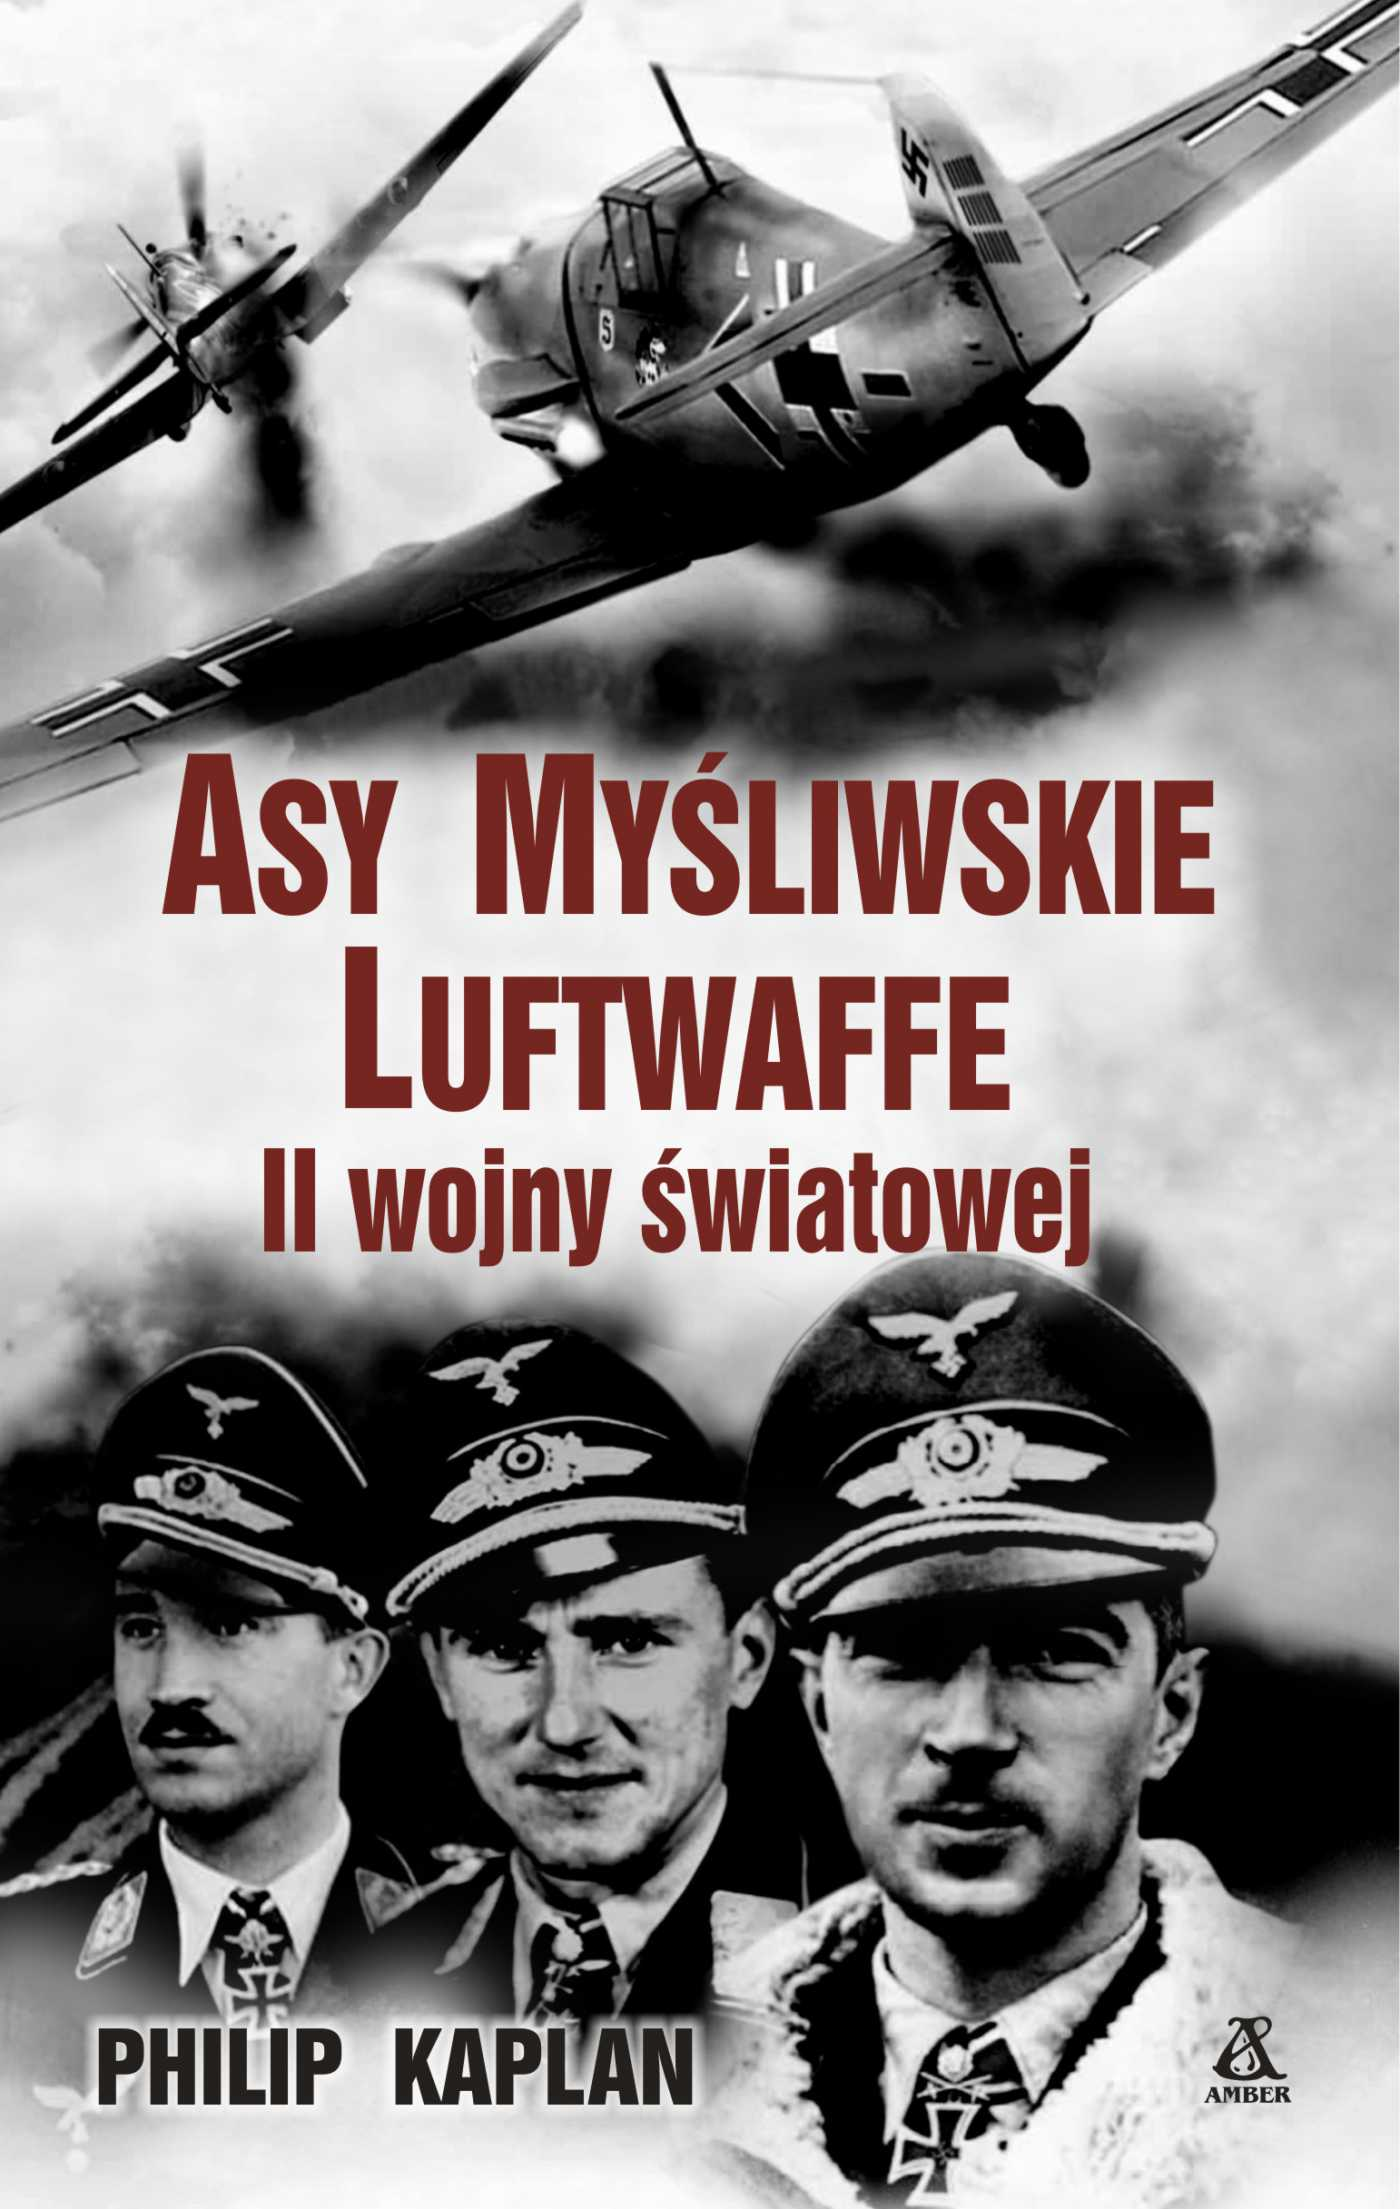 Asy myśliwskie Luftwaffe II wojny światowej - Ebook (Książka EPUB) do pobrania w formacie EPUB